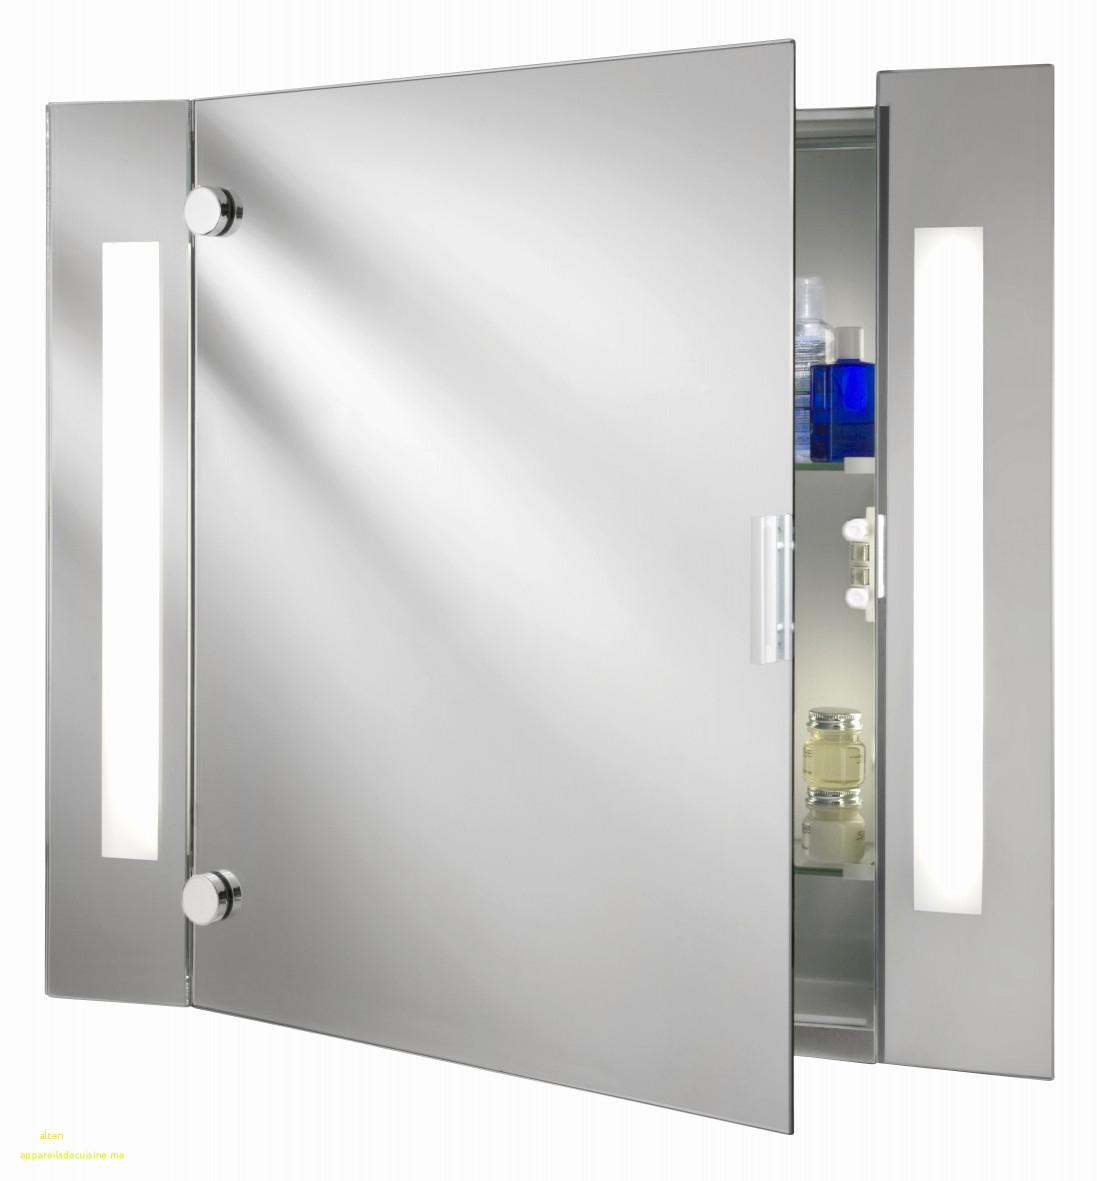 Ikea Miroir Salle De Bains Unique Images Ikea Miroir Salle De Bain Superbe Résultat Supérieur Miroir Armoire